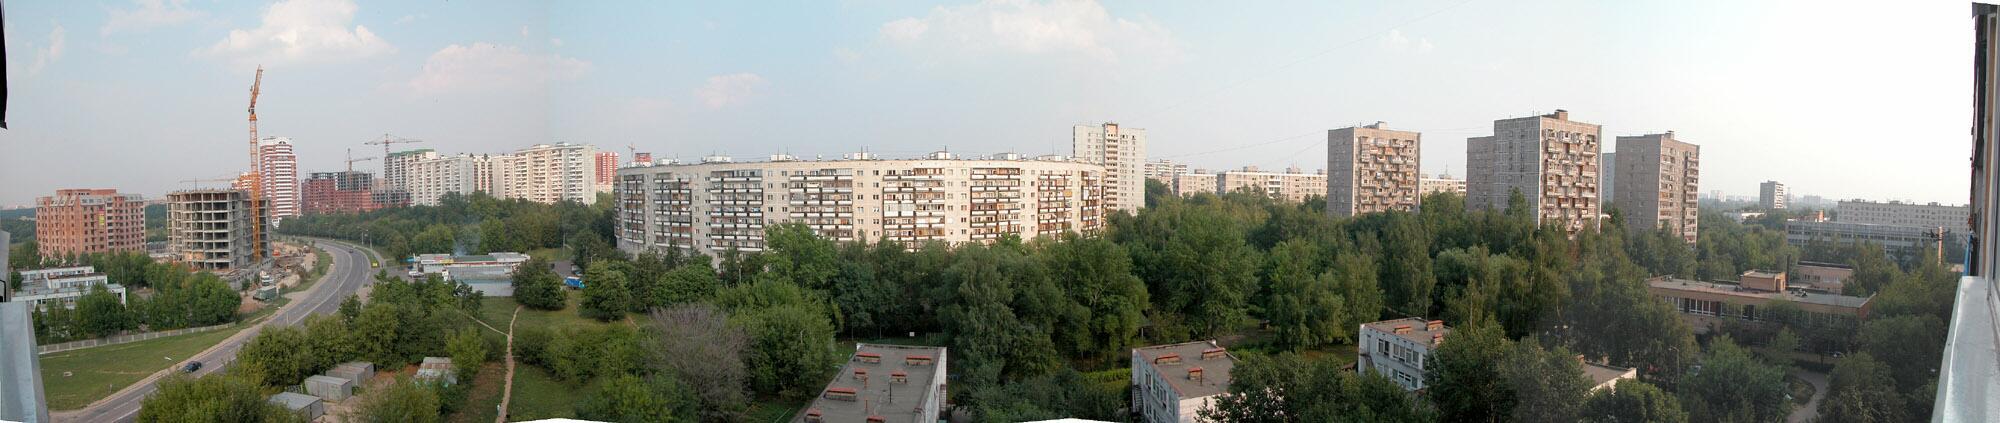 2005 Панорама Матвеевки (с сайта Мешкова)